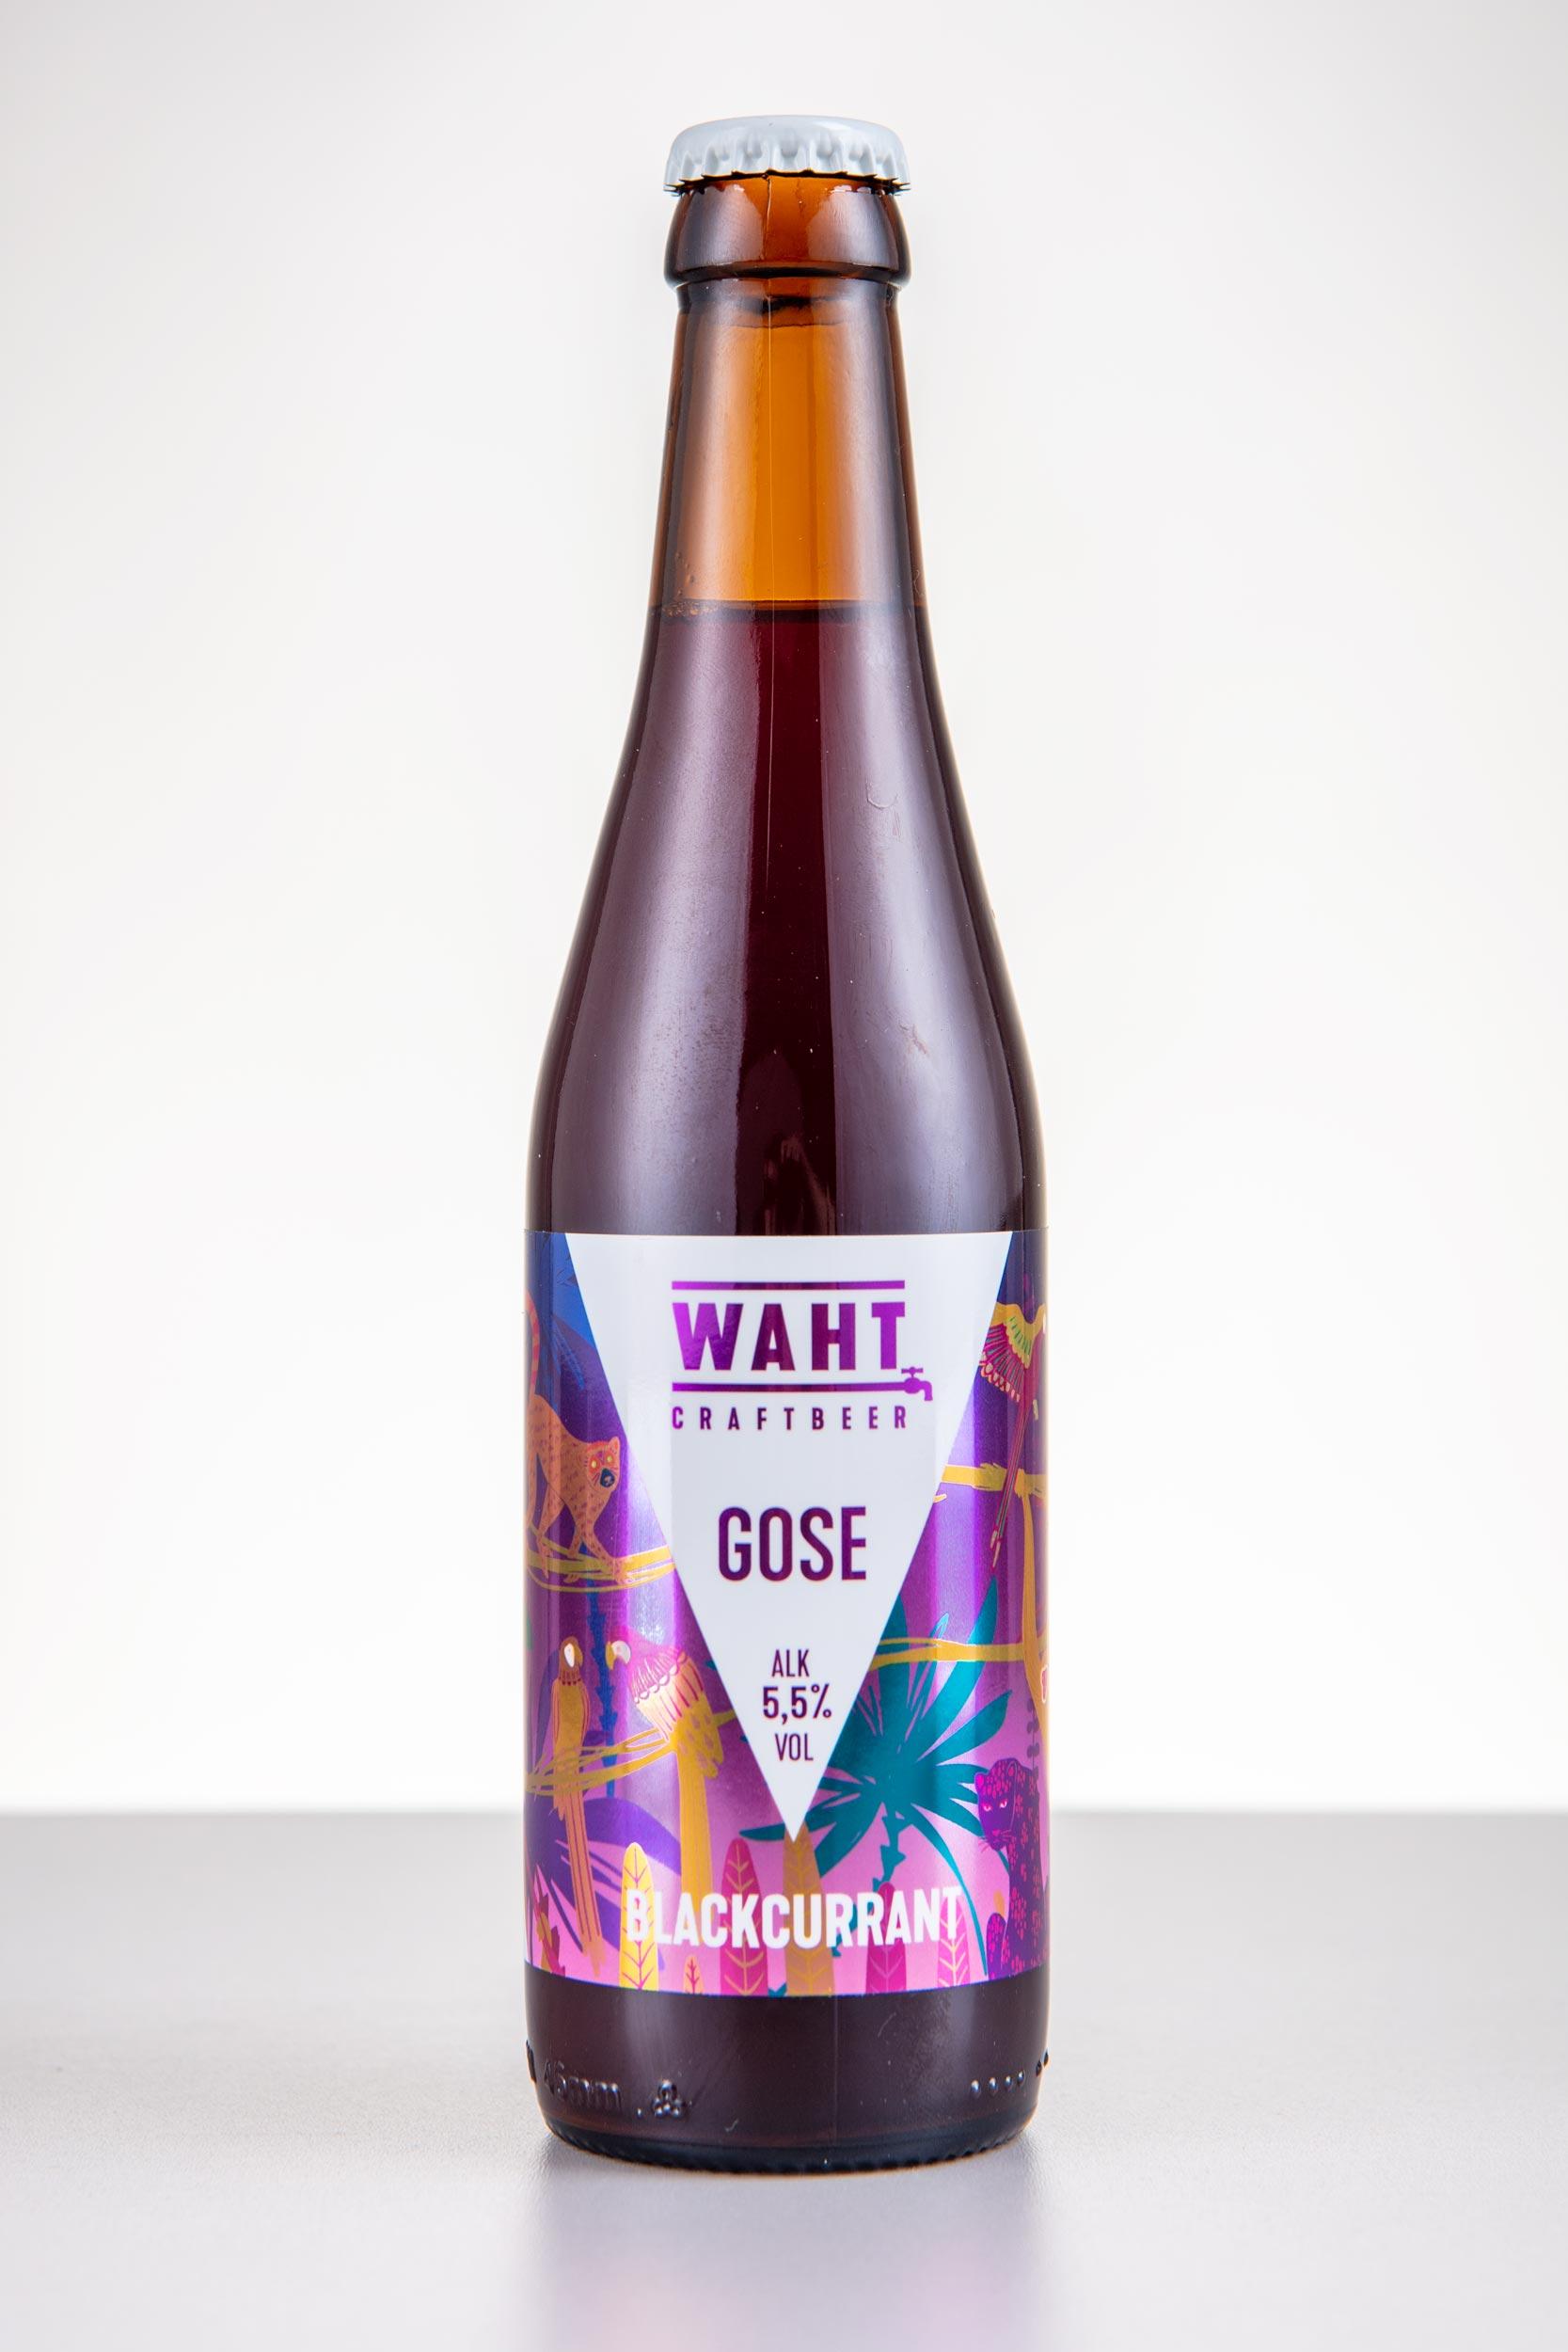 Käsitöö õlu Waht Gose Blackcurrant - Craftbeer OÜ